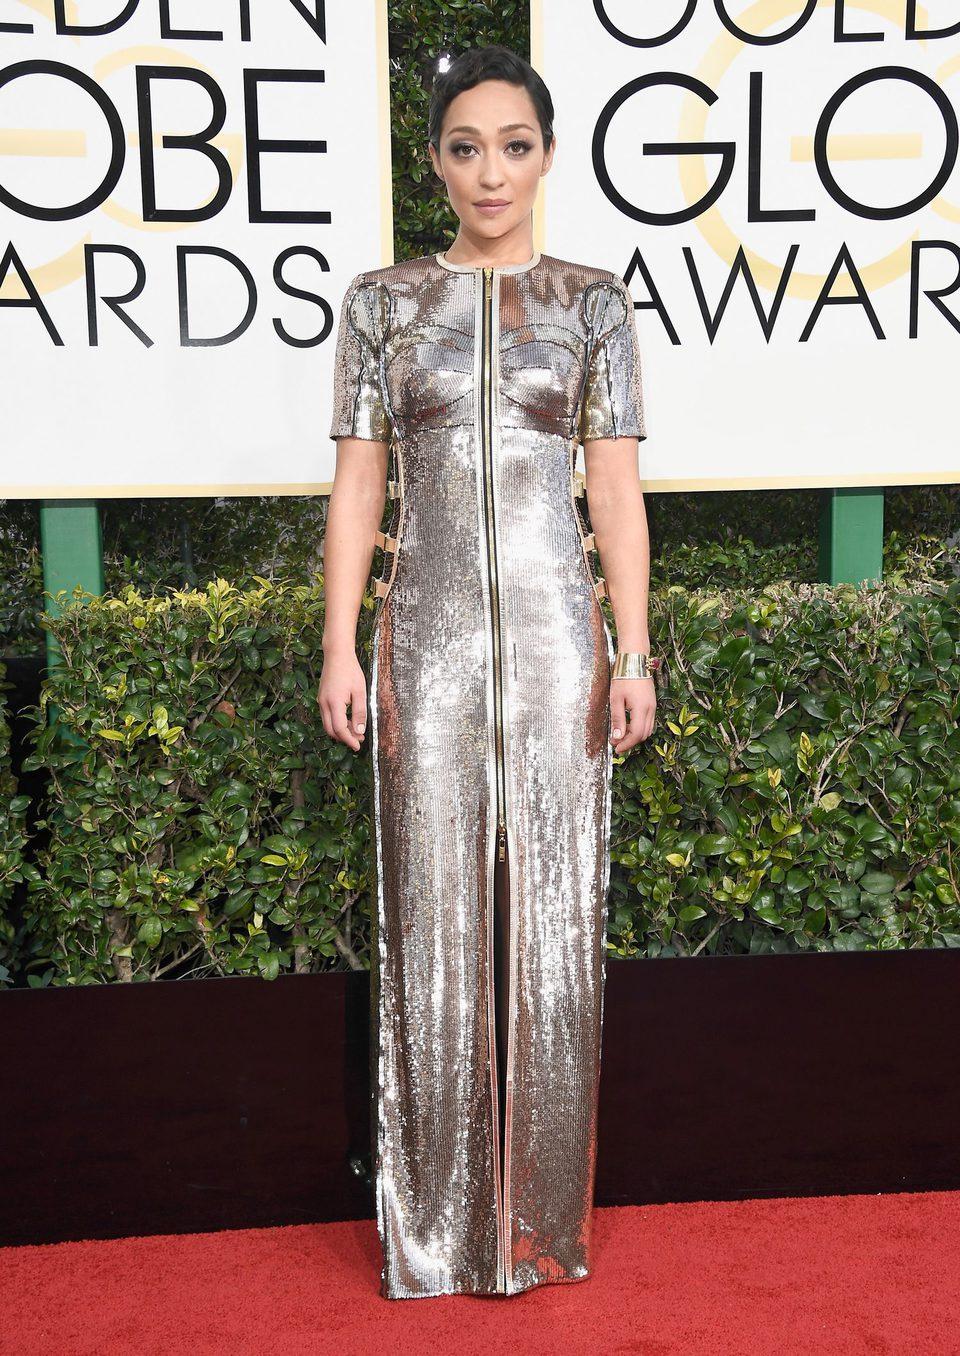 Ruth Negga en la alfombra roja de los Globos de Oro 2017